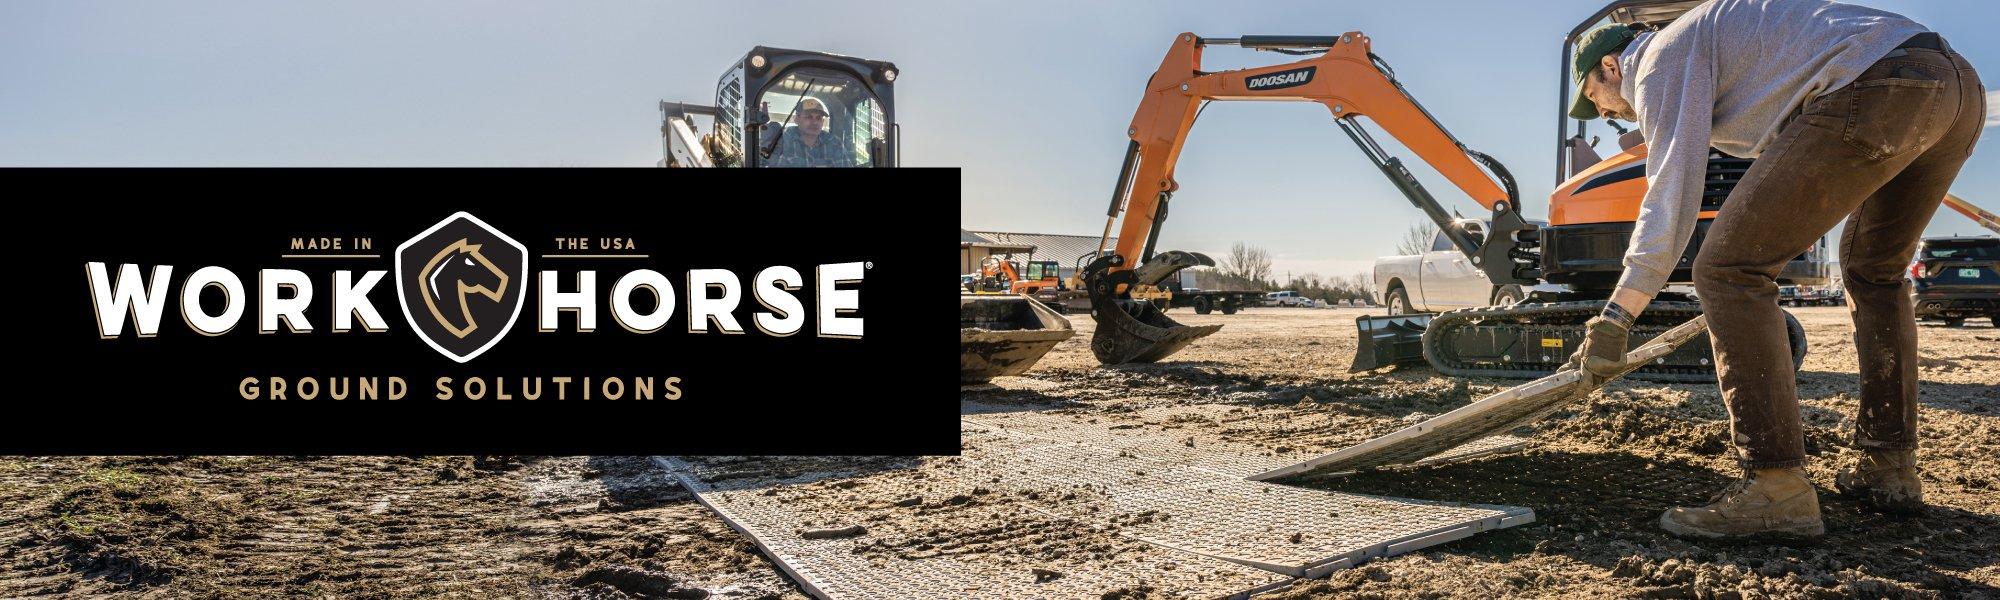 Workhorse Case Study Header